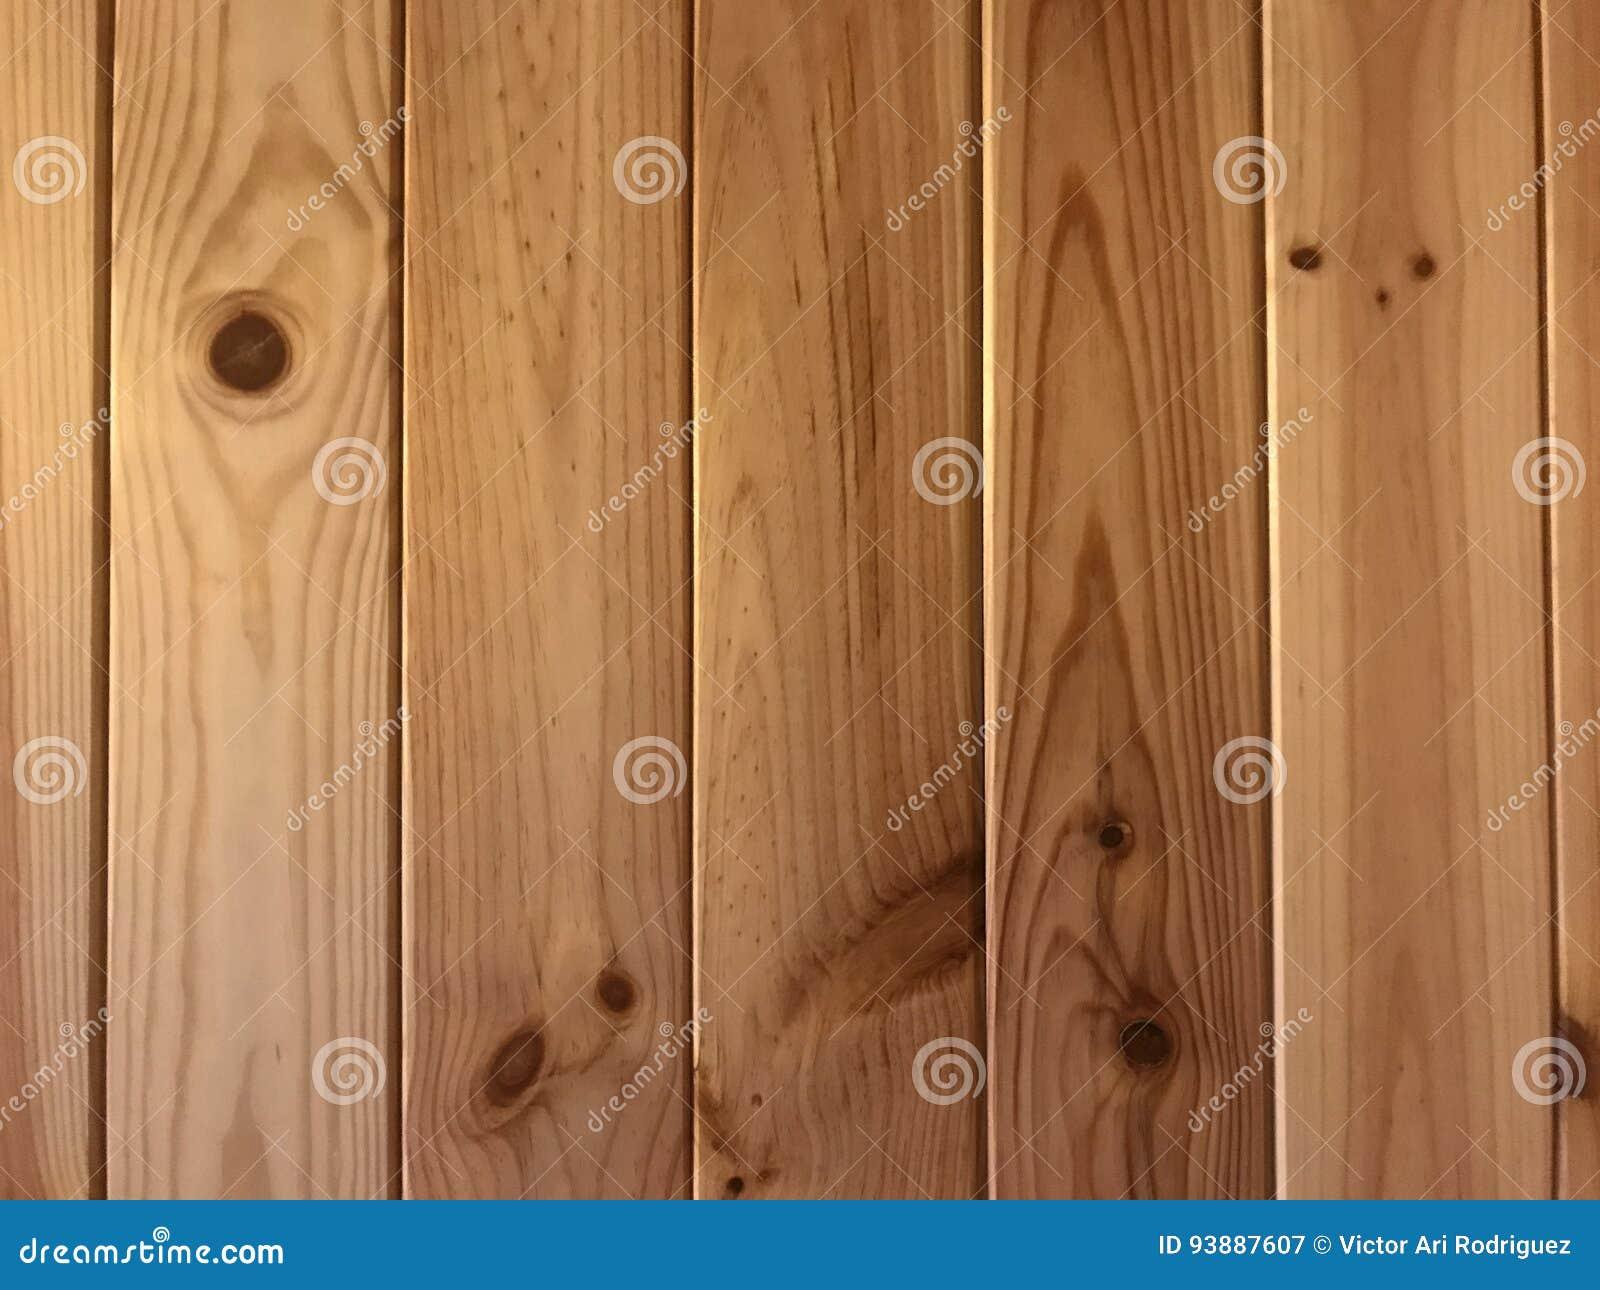 Textura madera stock image image of pagina verdes for Fondos para paginas web